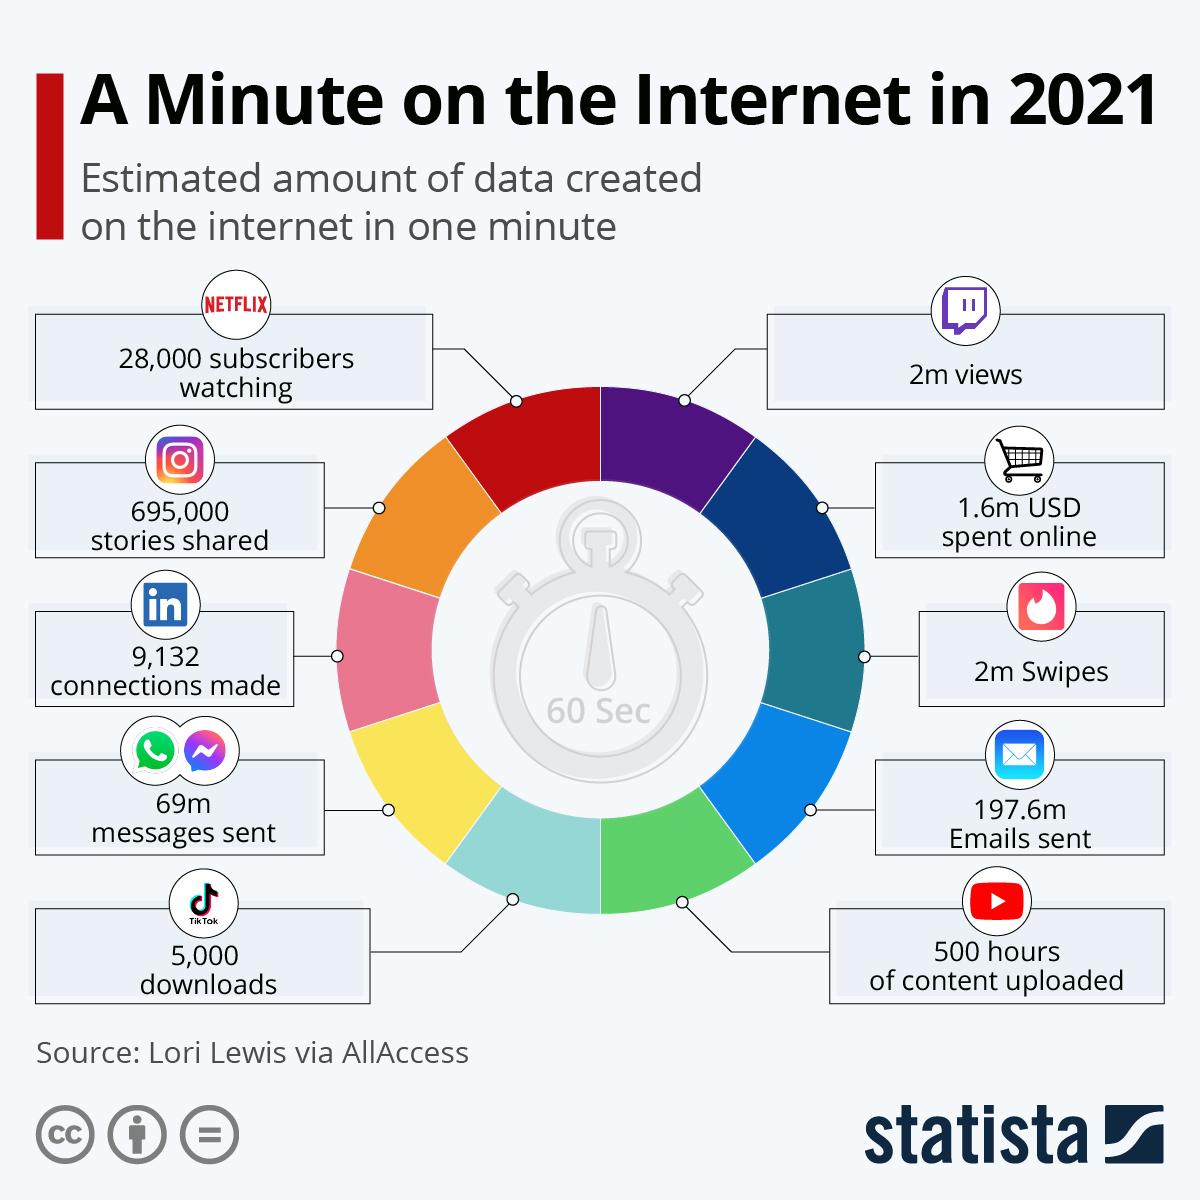 Показано, что происходит в интернете за одну минуту